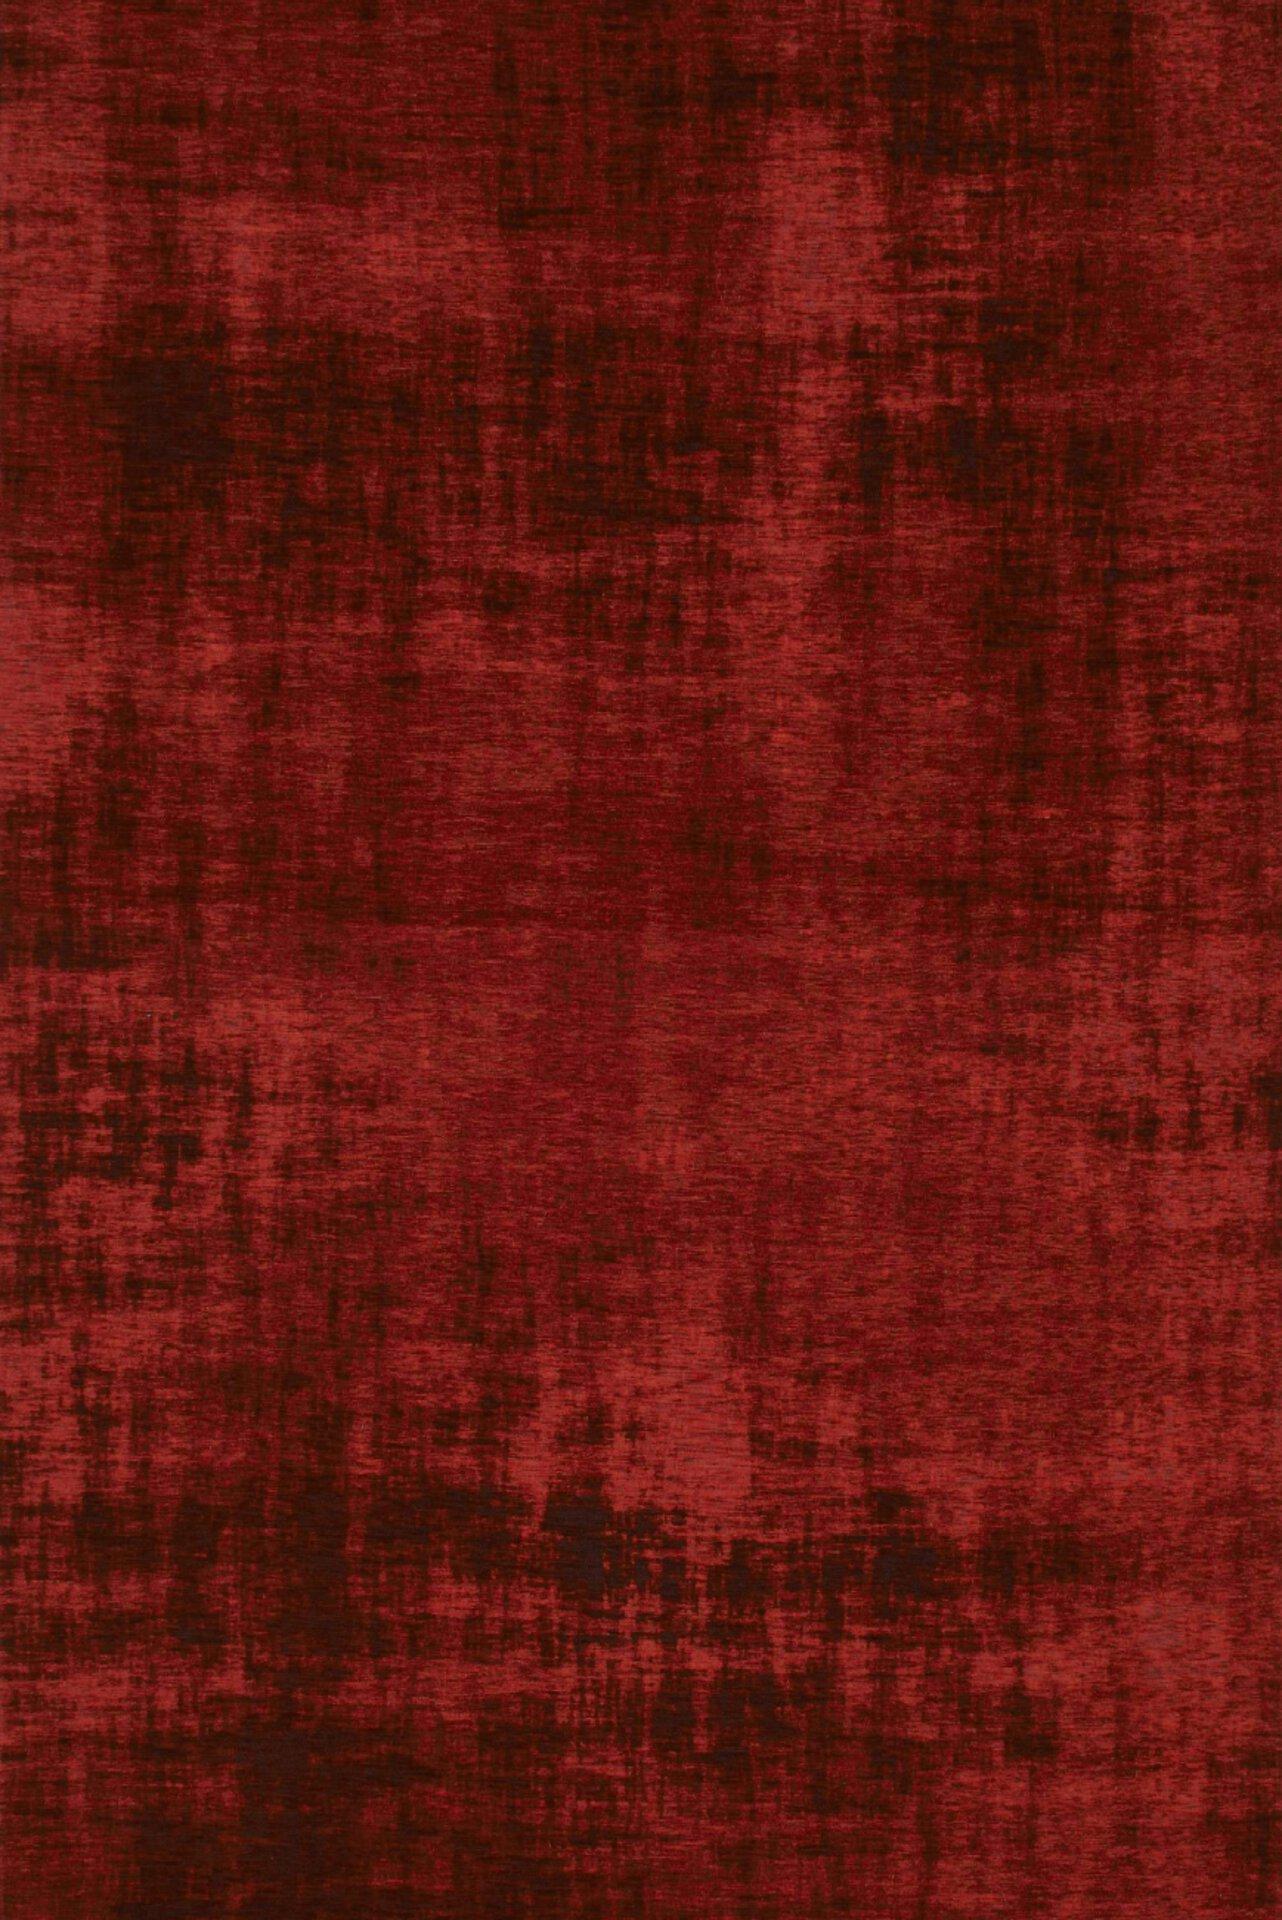 Maschinenwebteppich Saragoza DEKOWE Textil rot 68 x 120 cm